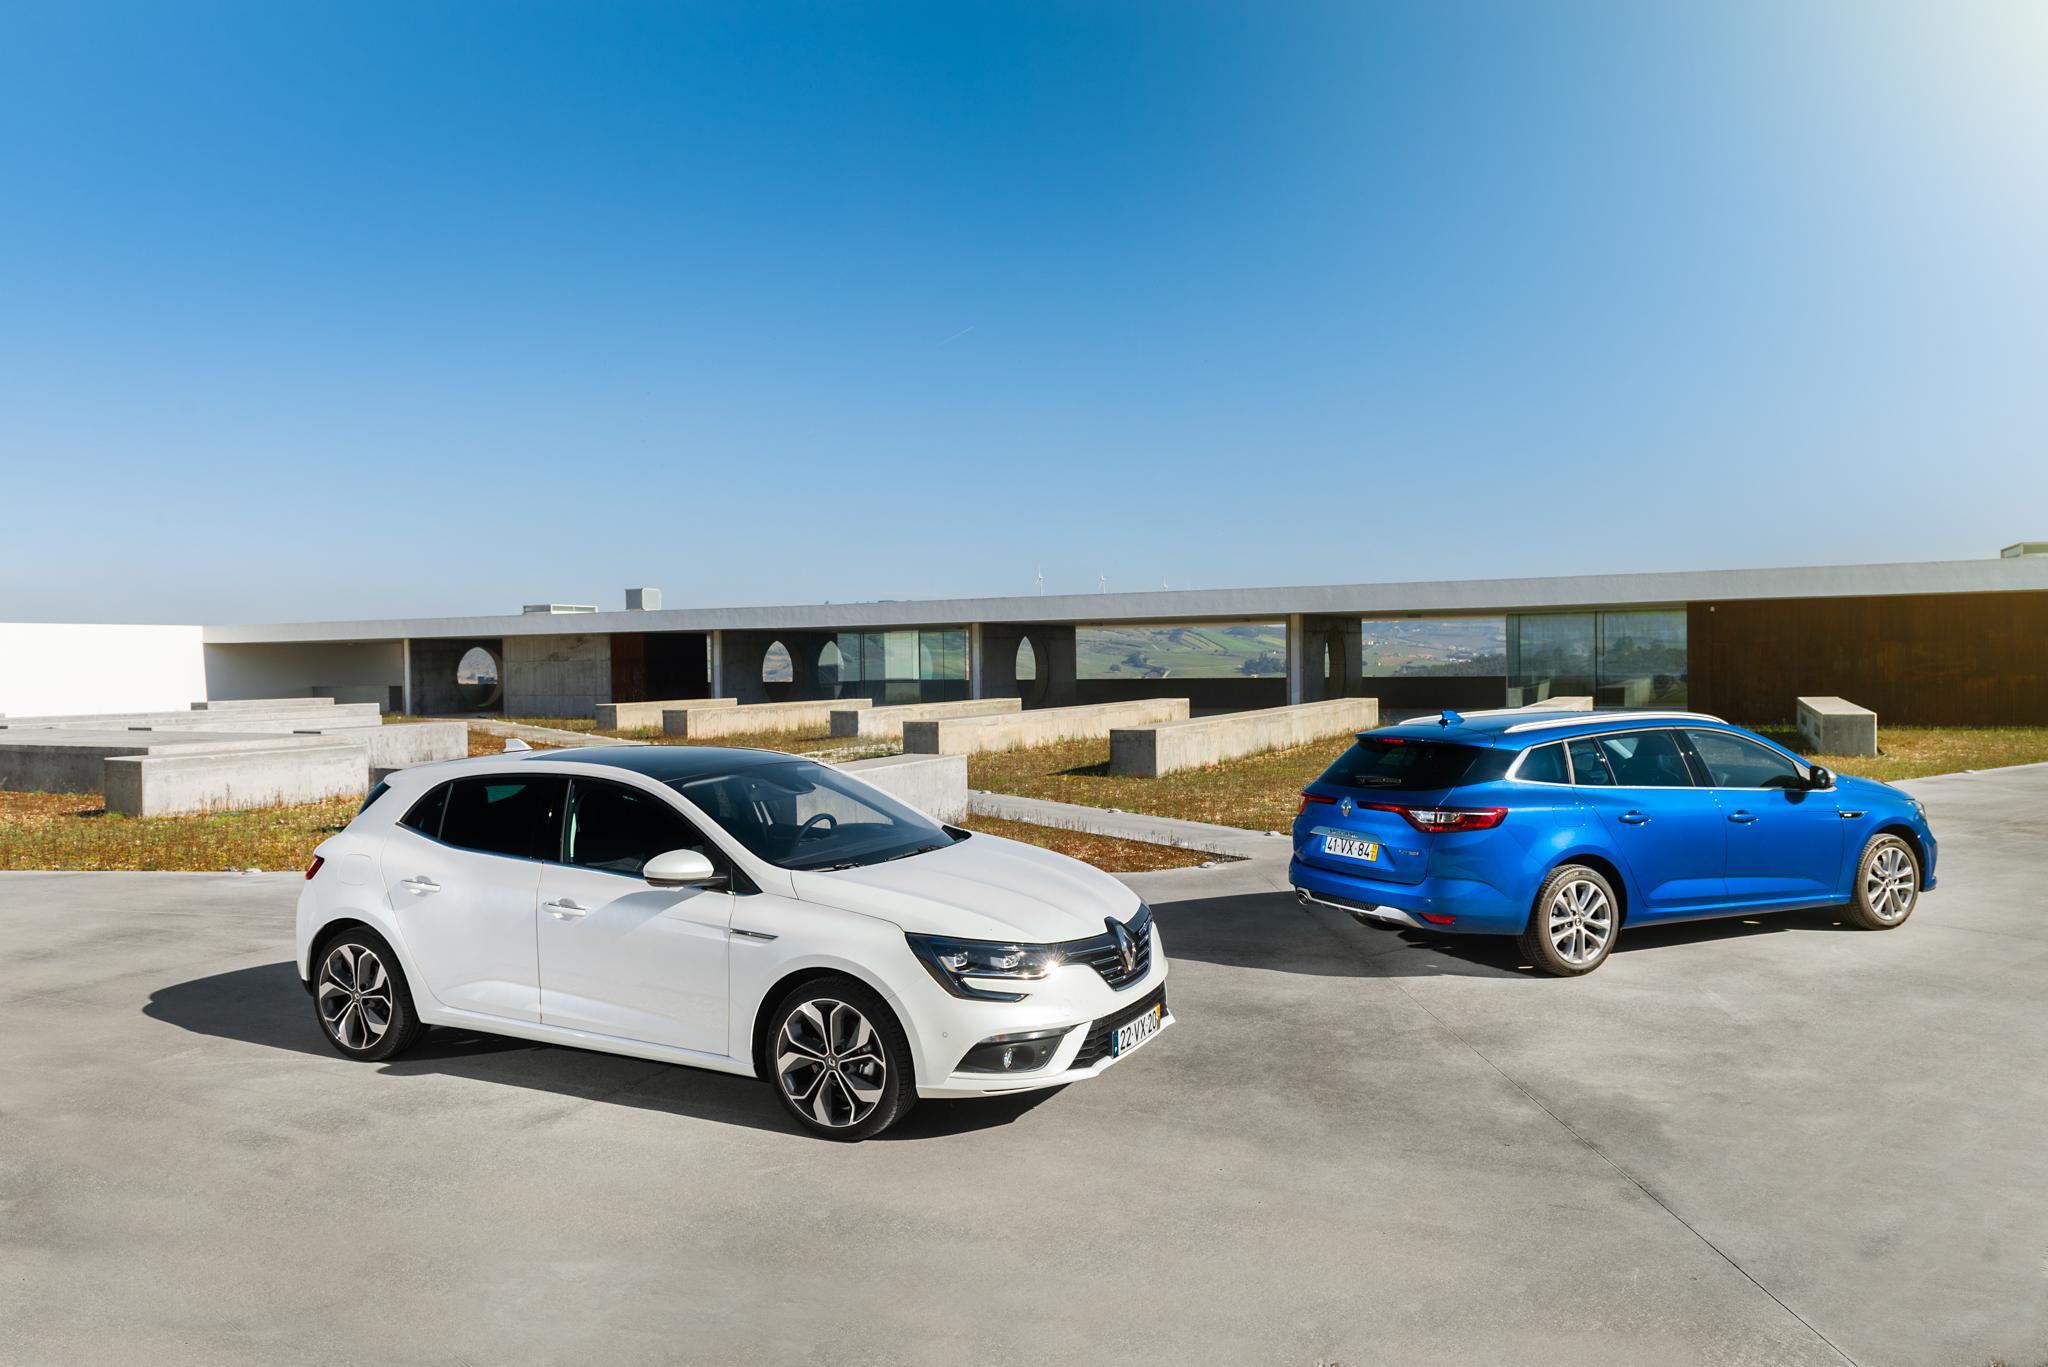 Primeiro Contacto: Novo motor 1.3 TCe no Renault Mégane